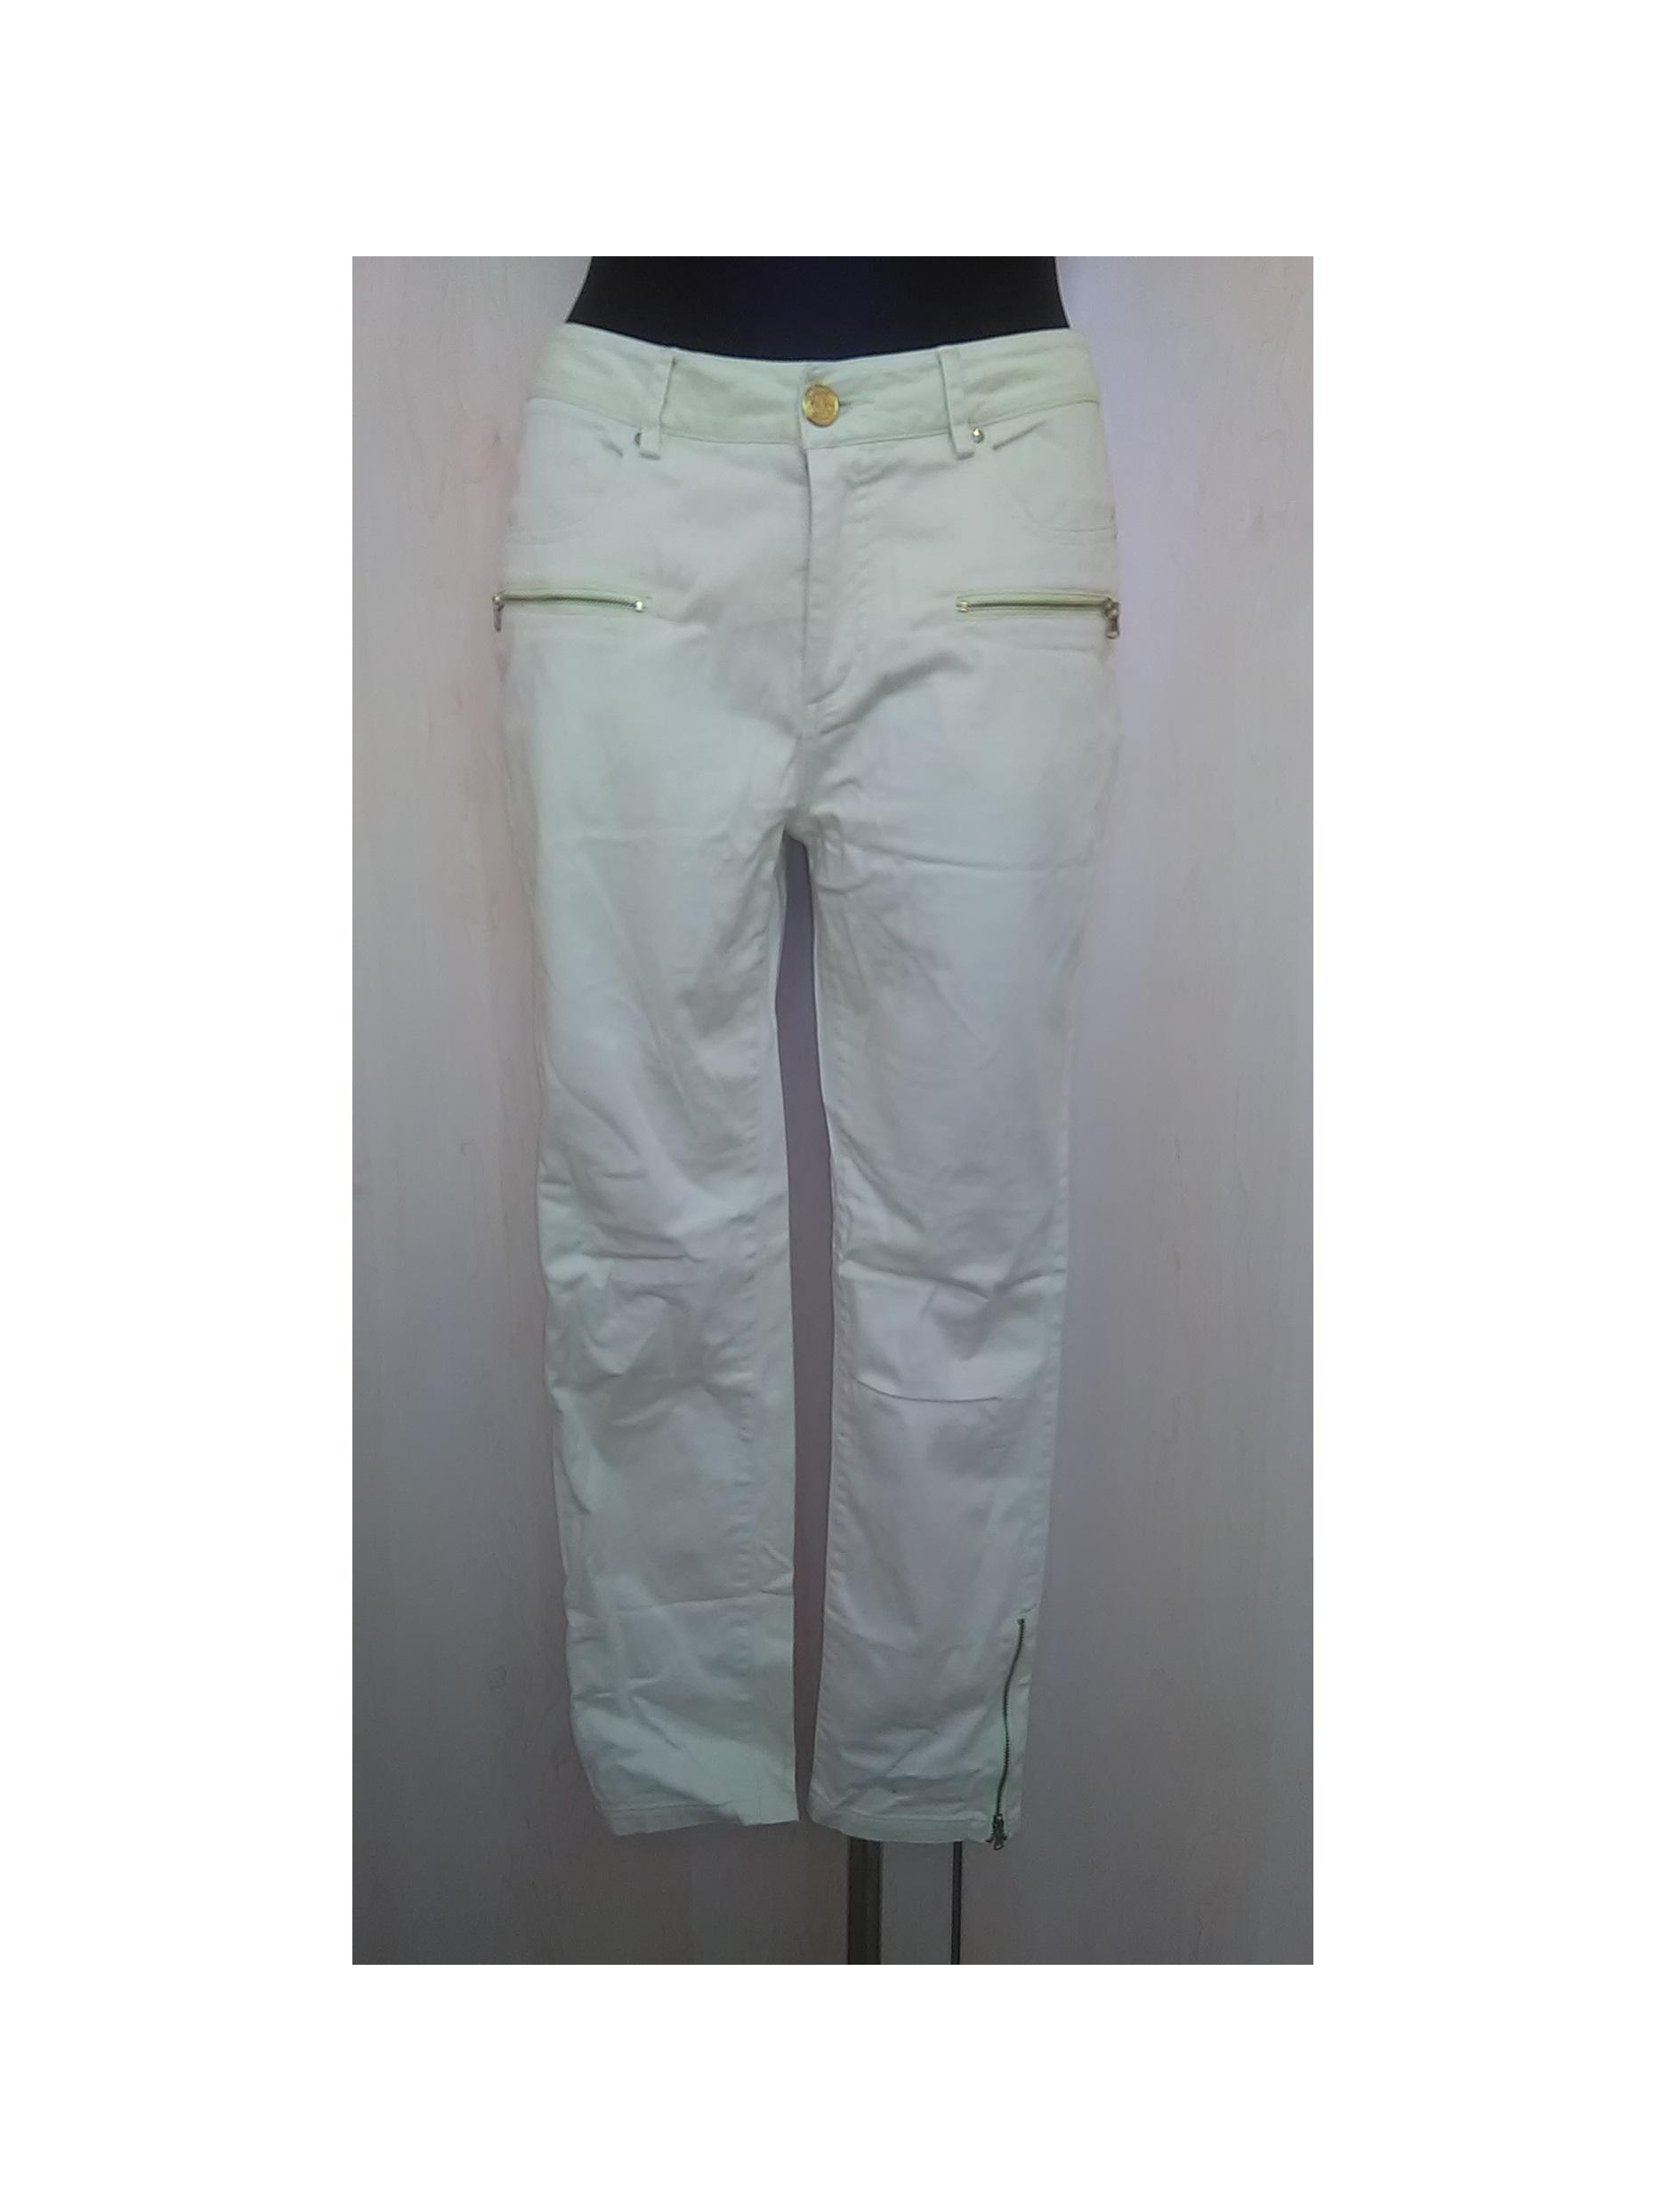 Šviesūs moteriški vasariniai džinsai, CREATED BY CHIC, 38 dydis